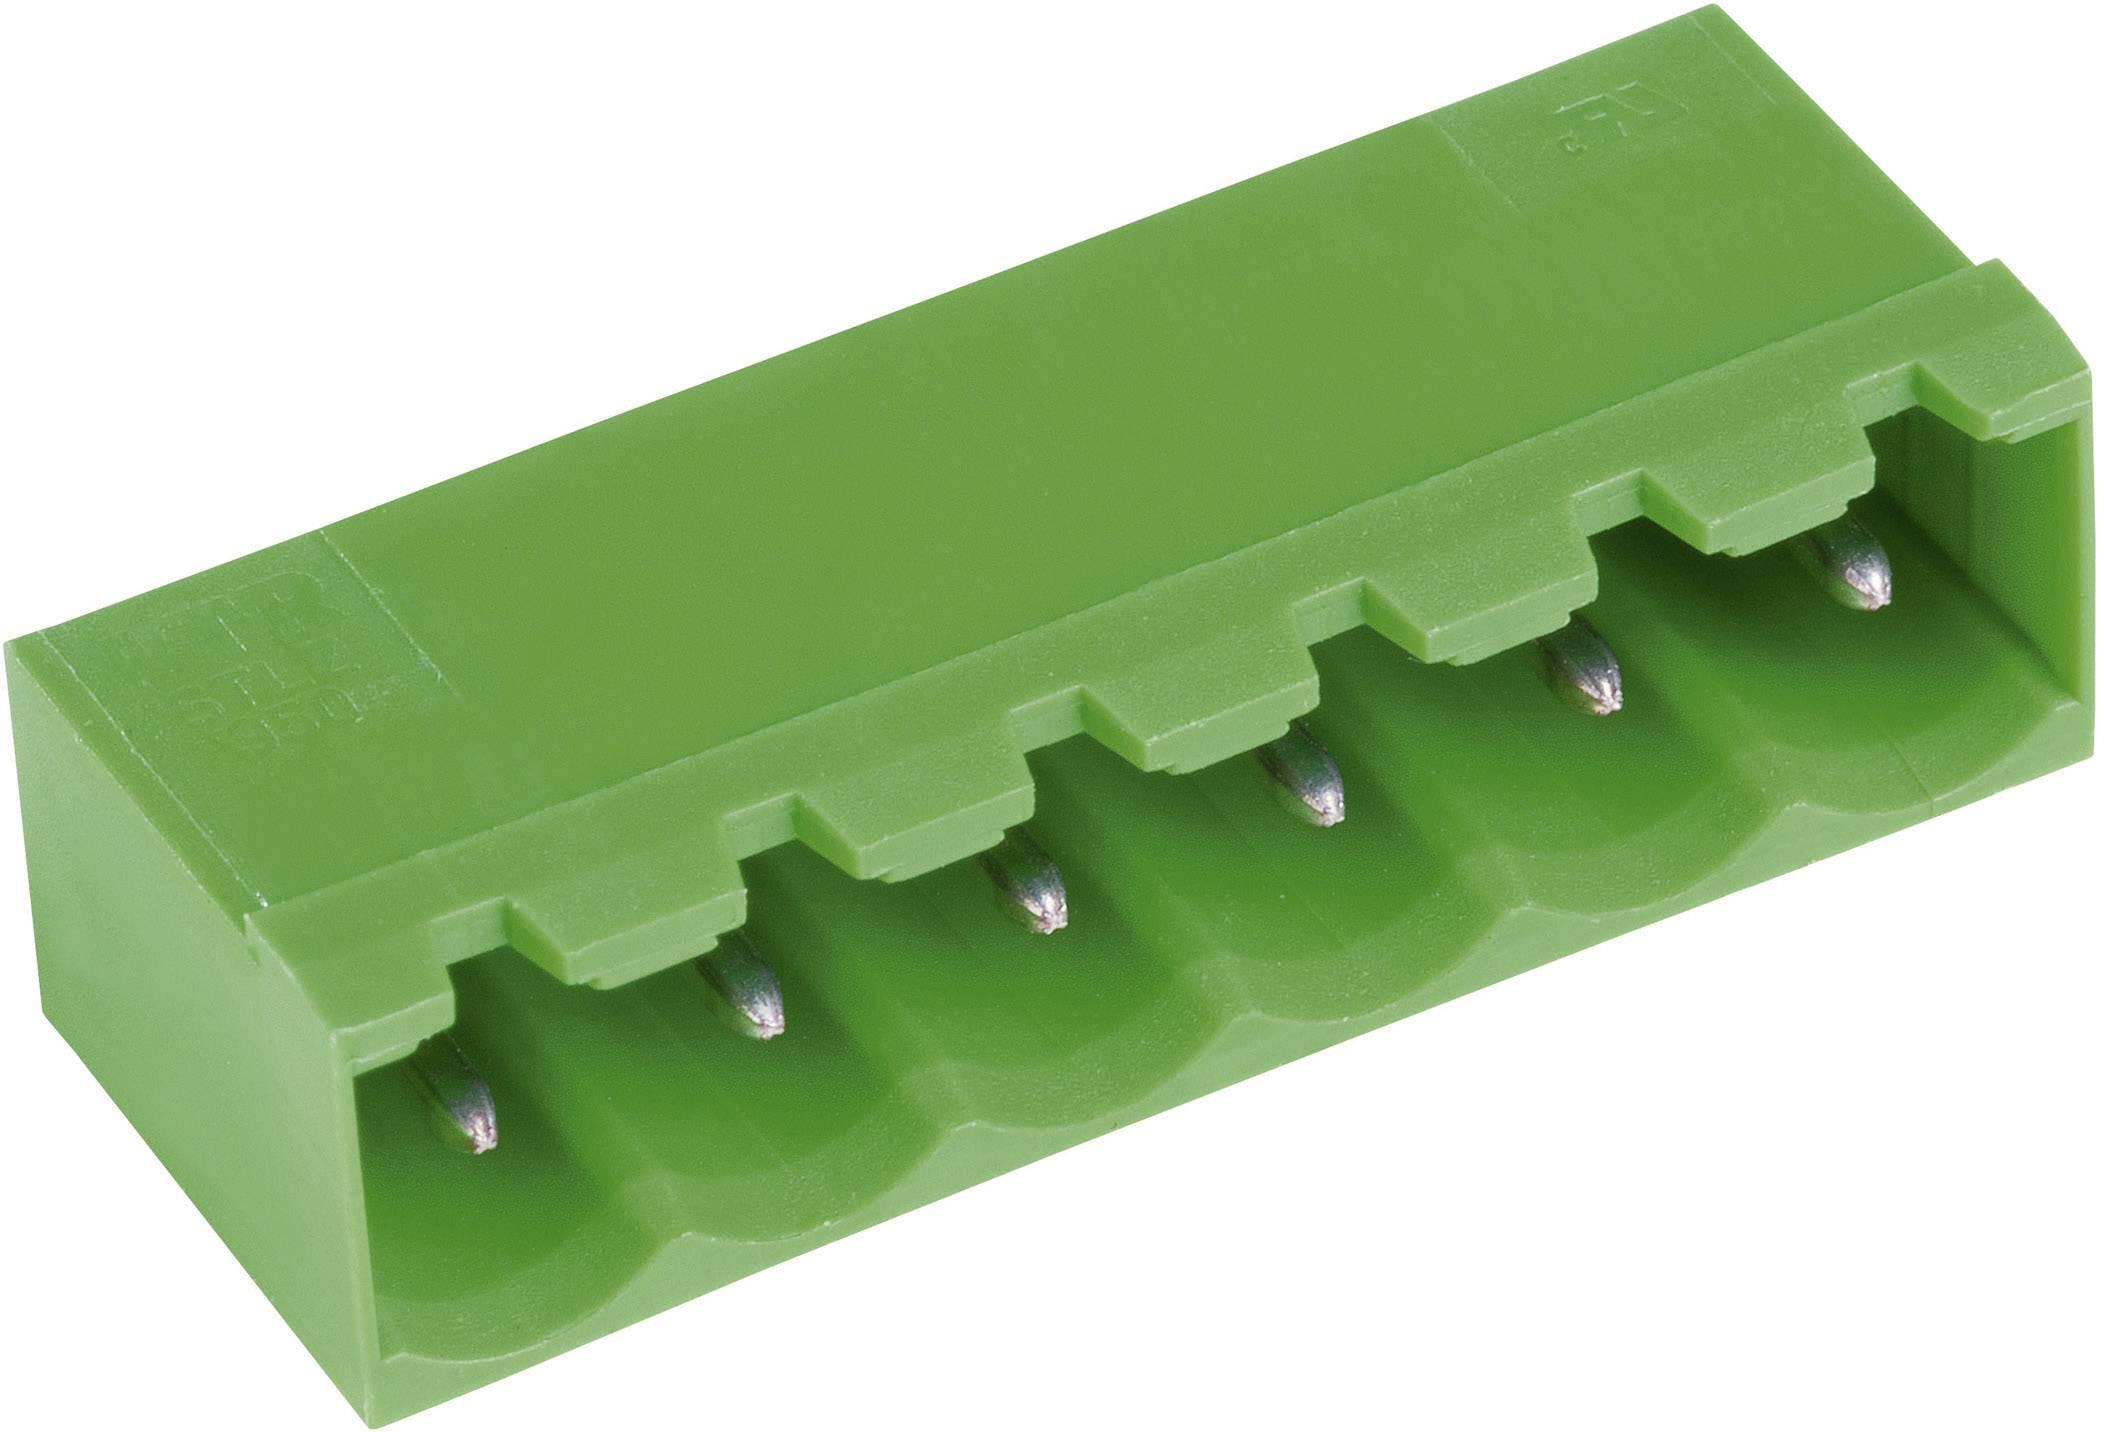 Konektor do DPS PTR STL950/5G-5.0-H 50950055001E, 26.20 mm, pólů 5, rozteč 5 mm, 1 ks